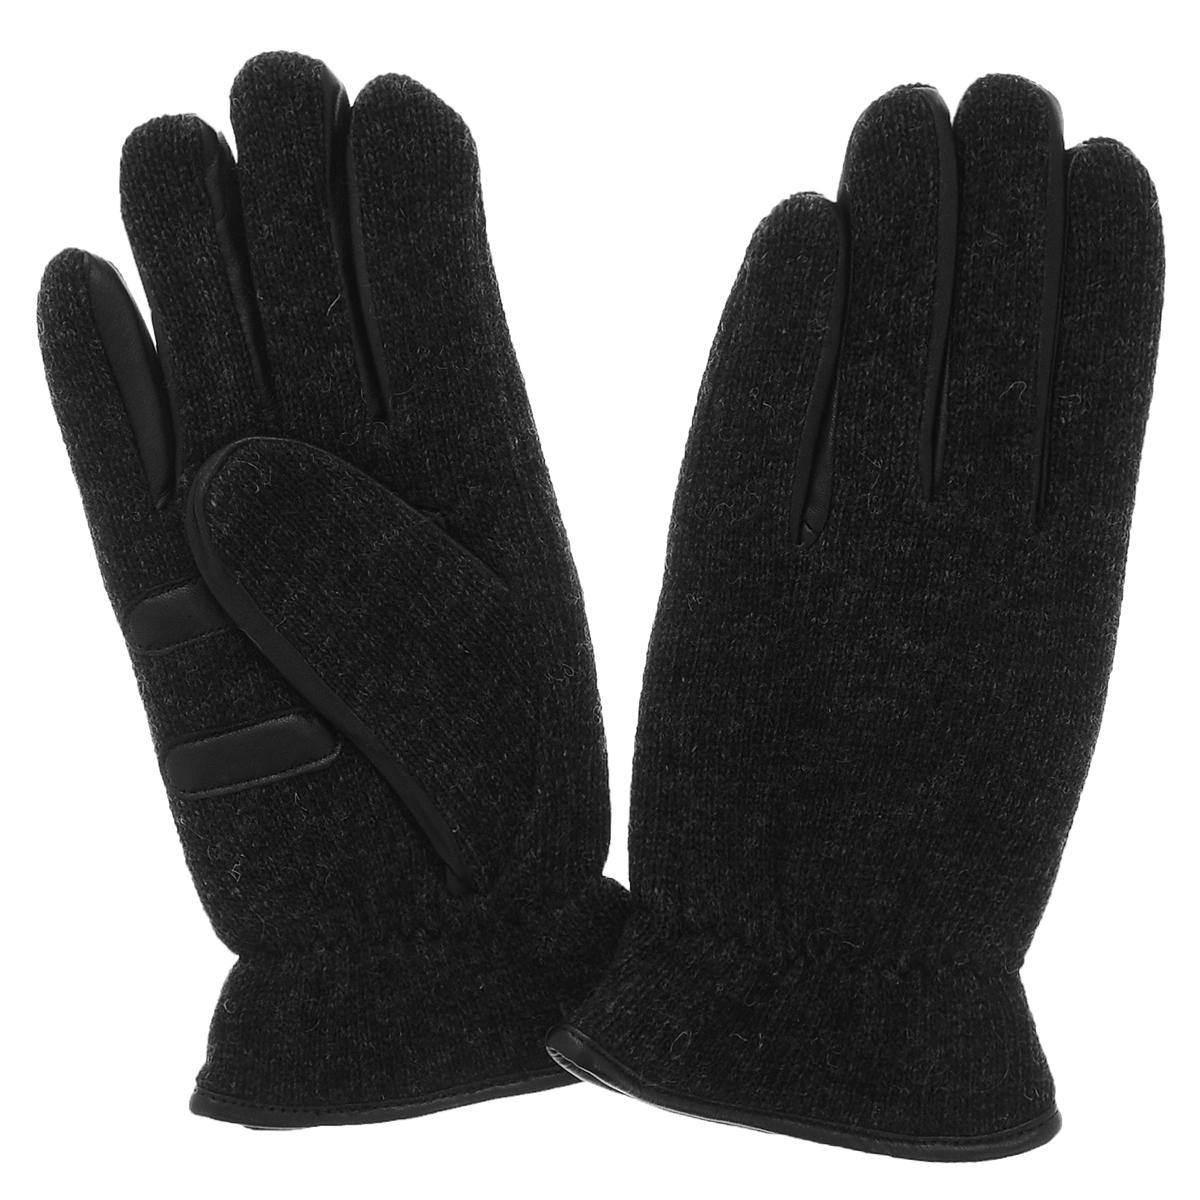 ПерчаткиK11-ARR/BLСтильные мужские перчатки Michel Katana не только защитят ваши руки, но и станут великолепным украшением. Перчатки выполнены из натуральной шерсти с отделкой из кожи ягненка, а их подкладка - из флиса. Манжеты собраны на резинку. Модель благодаря своему лаконичному исполнению прекрасно дополнит образ любого мужчины и сделает его более стильным, придав тонкую нотку брутальности. Создайте элегантный образ и подчеркните свою яркую индивидуальность новым аксессуаром!